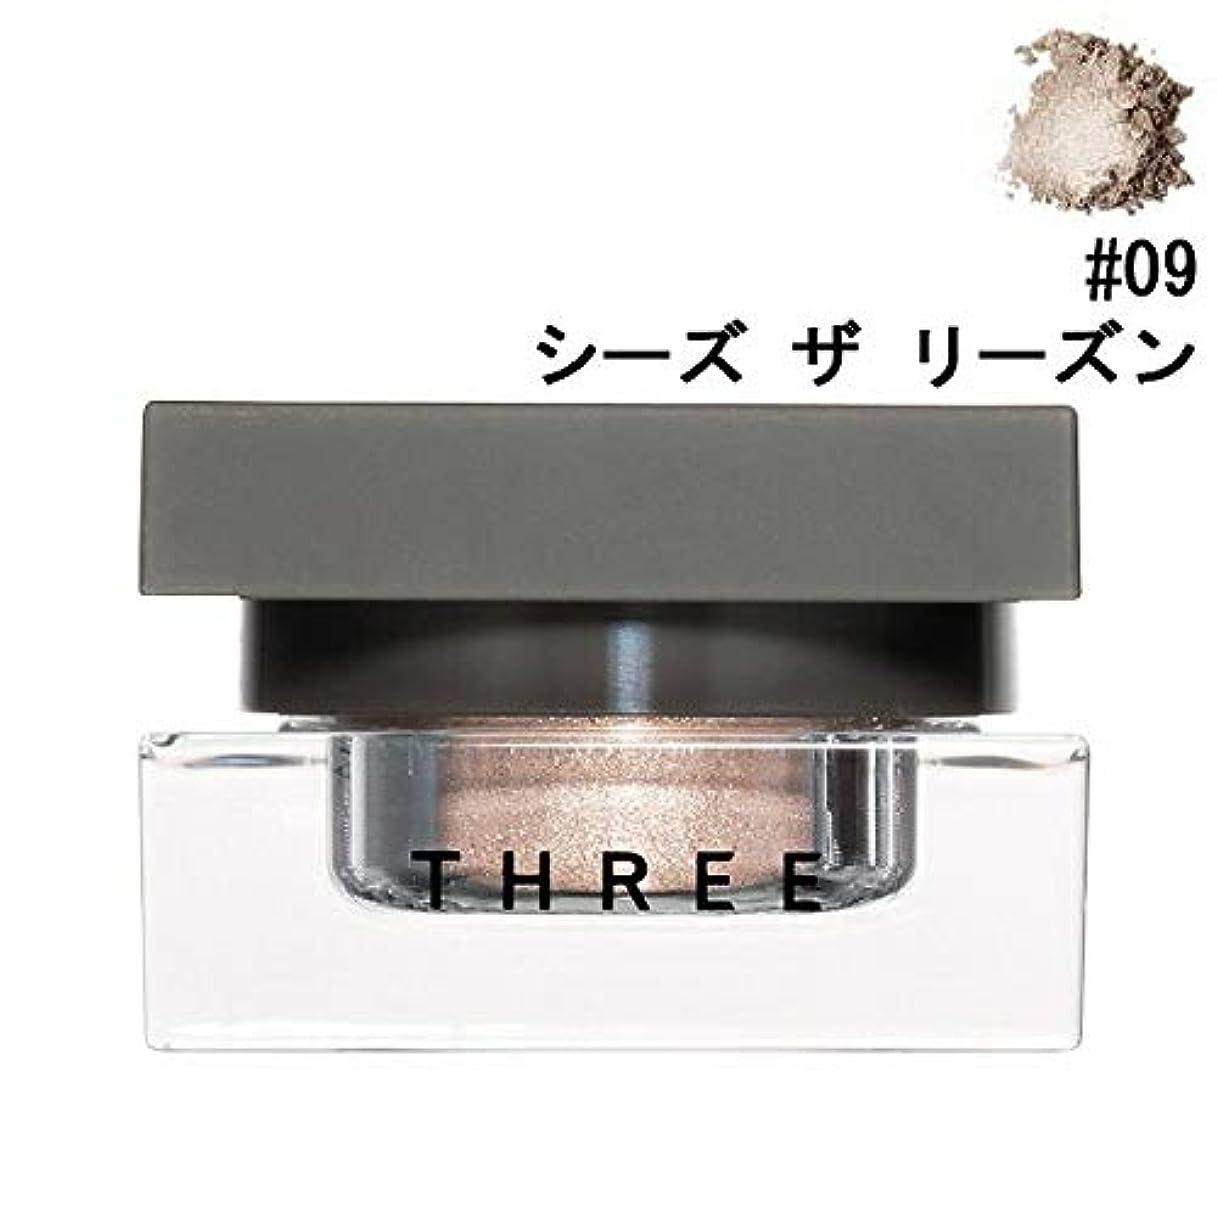 【スリー】シマリングカラーヴェール ステートメント #09 シーズ ザ リーズン 1.5g